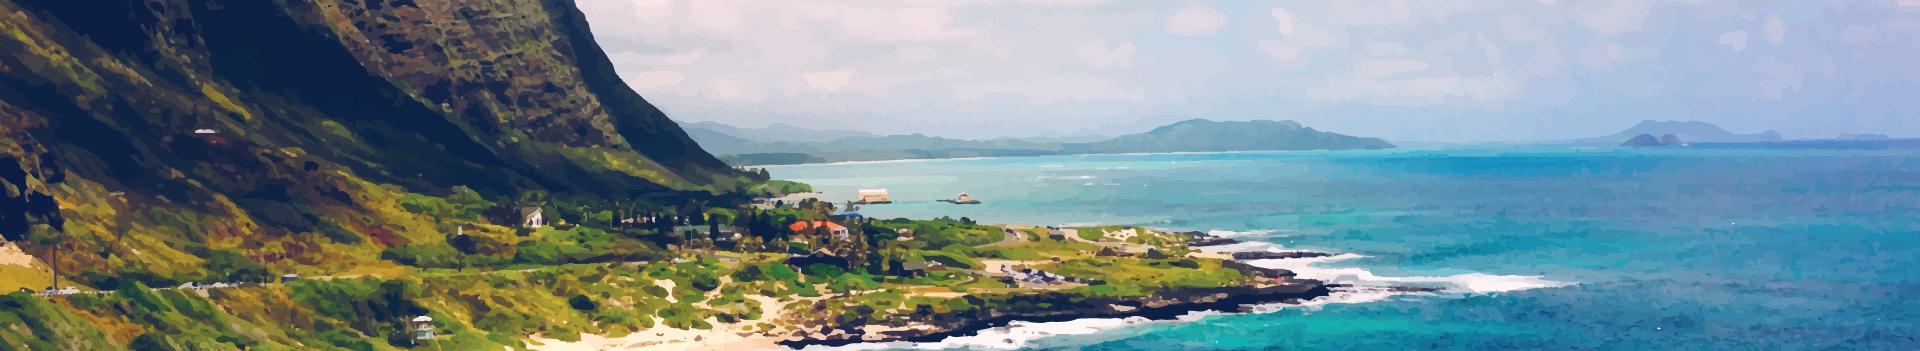 Kitesurfing in Mozambique